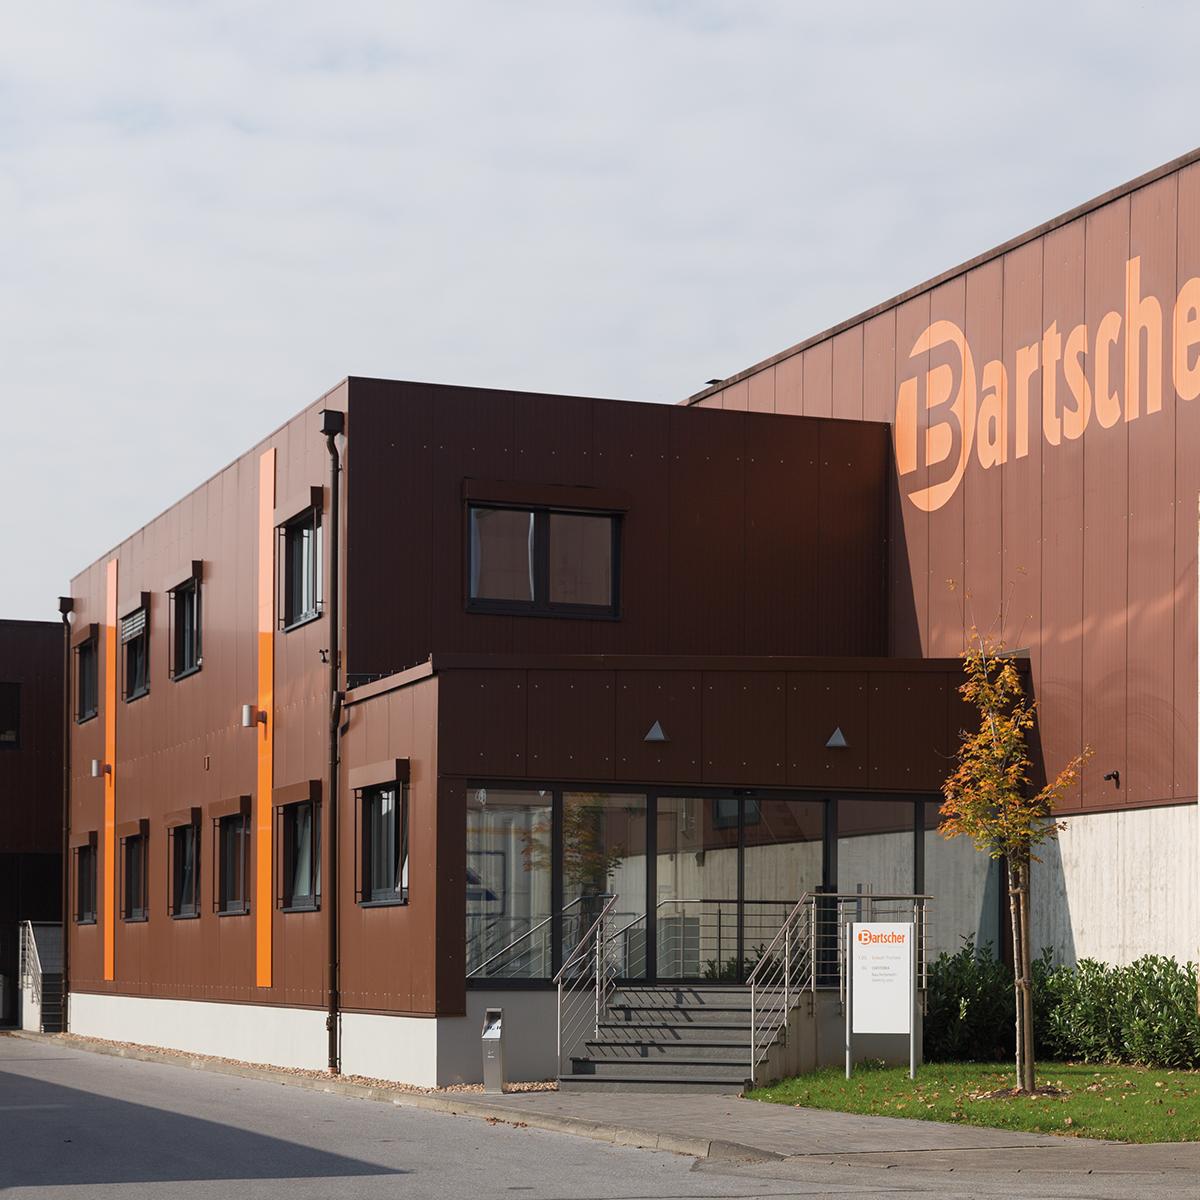 bartscher wyposa enie kuchni gastronomicznych w europie. Black Bedroom Furniture Sets. Home Design Ideas